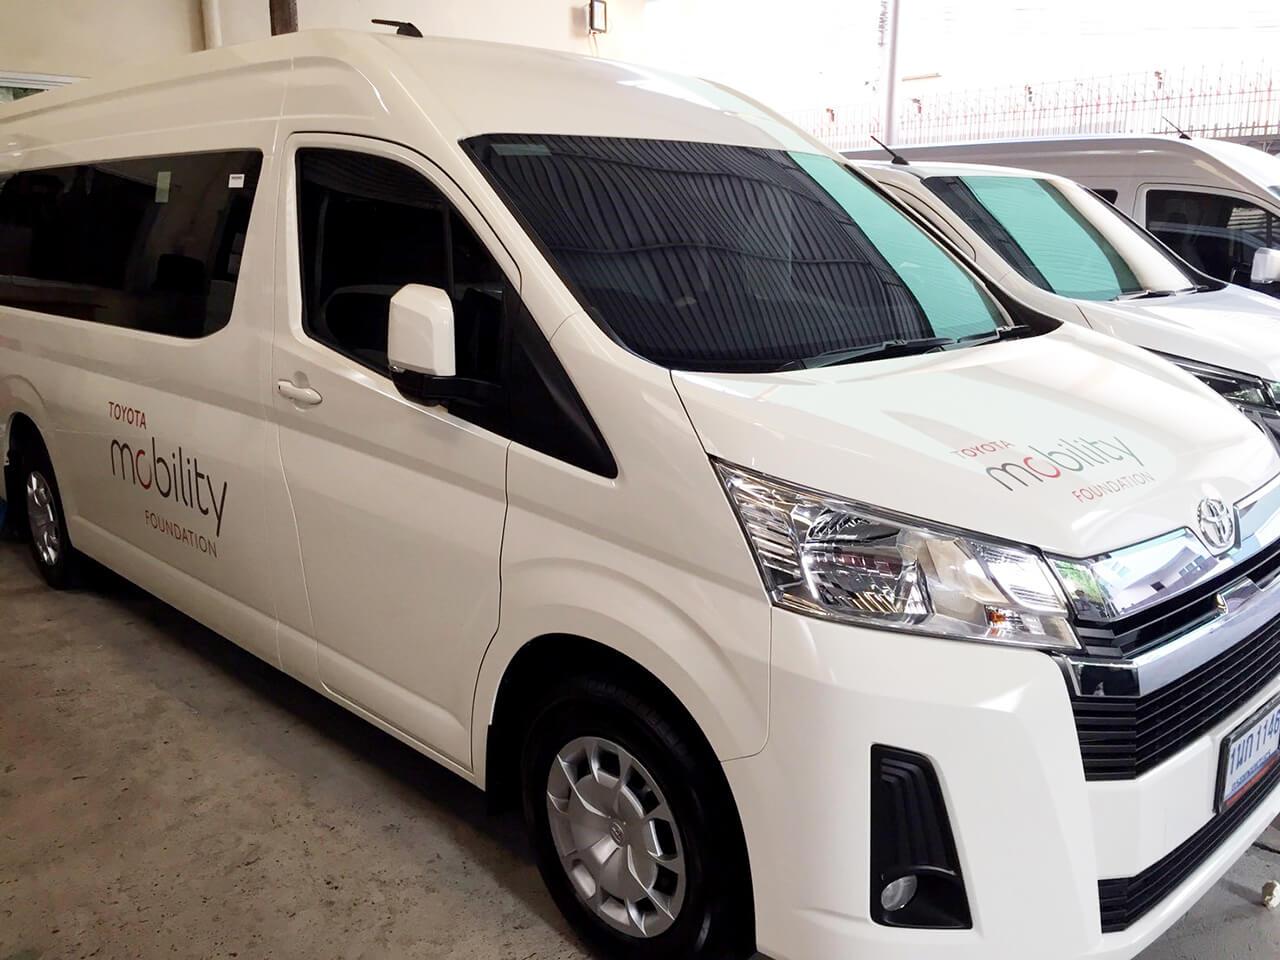 トヨタ・モビリティ基金がコロナウイルスと戦うタイの医療従事者に送迎サービスを実施